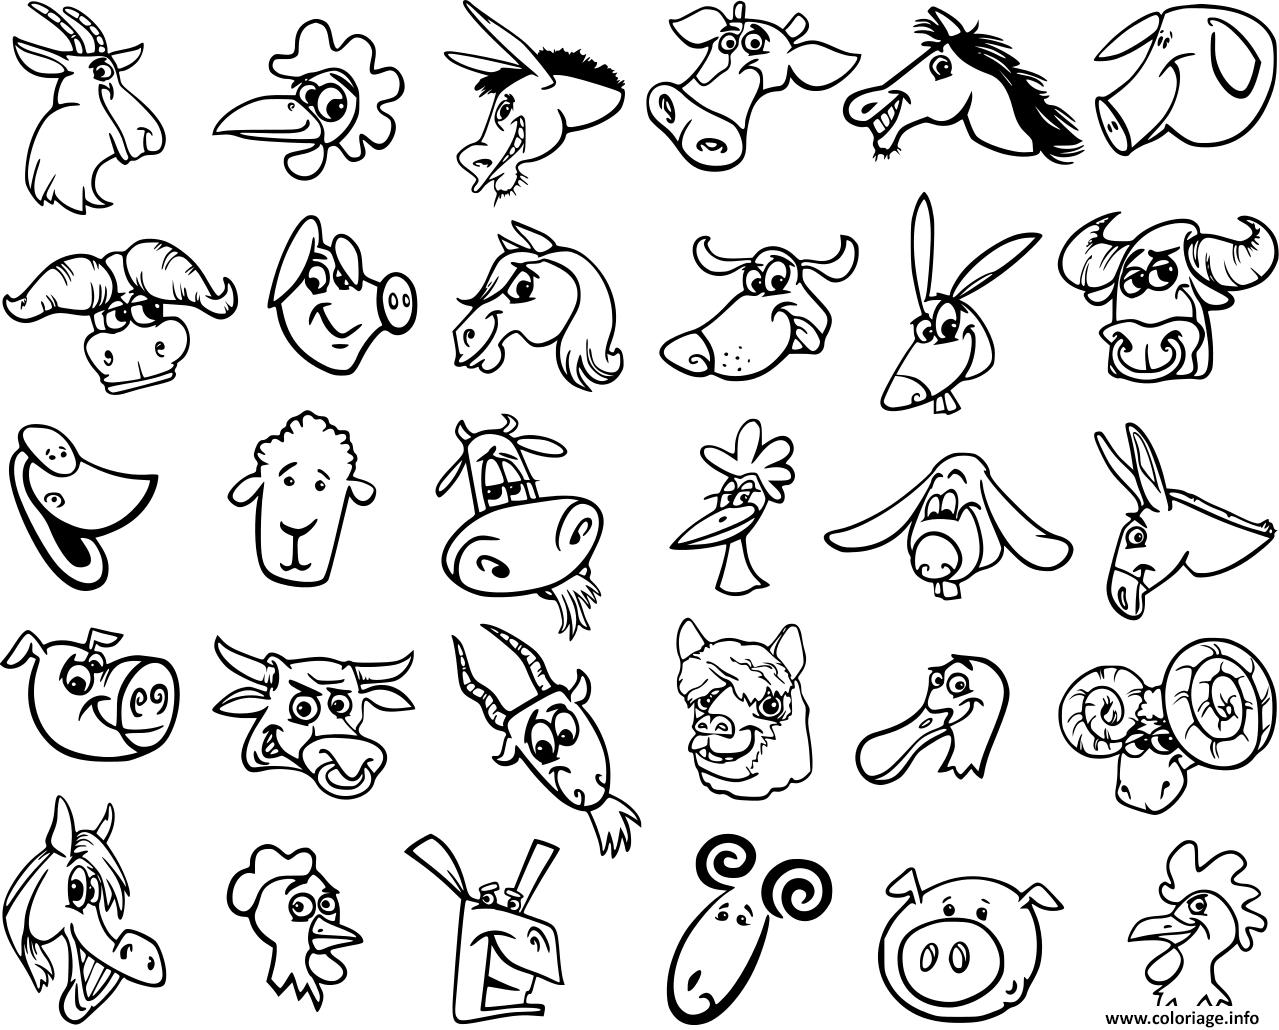 Coloriage animaux de la ferme - JeColorie.com